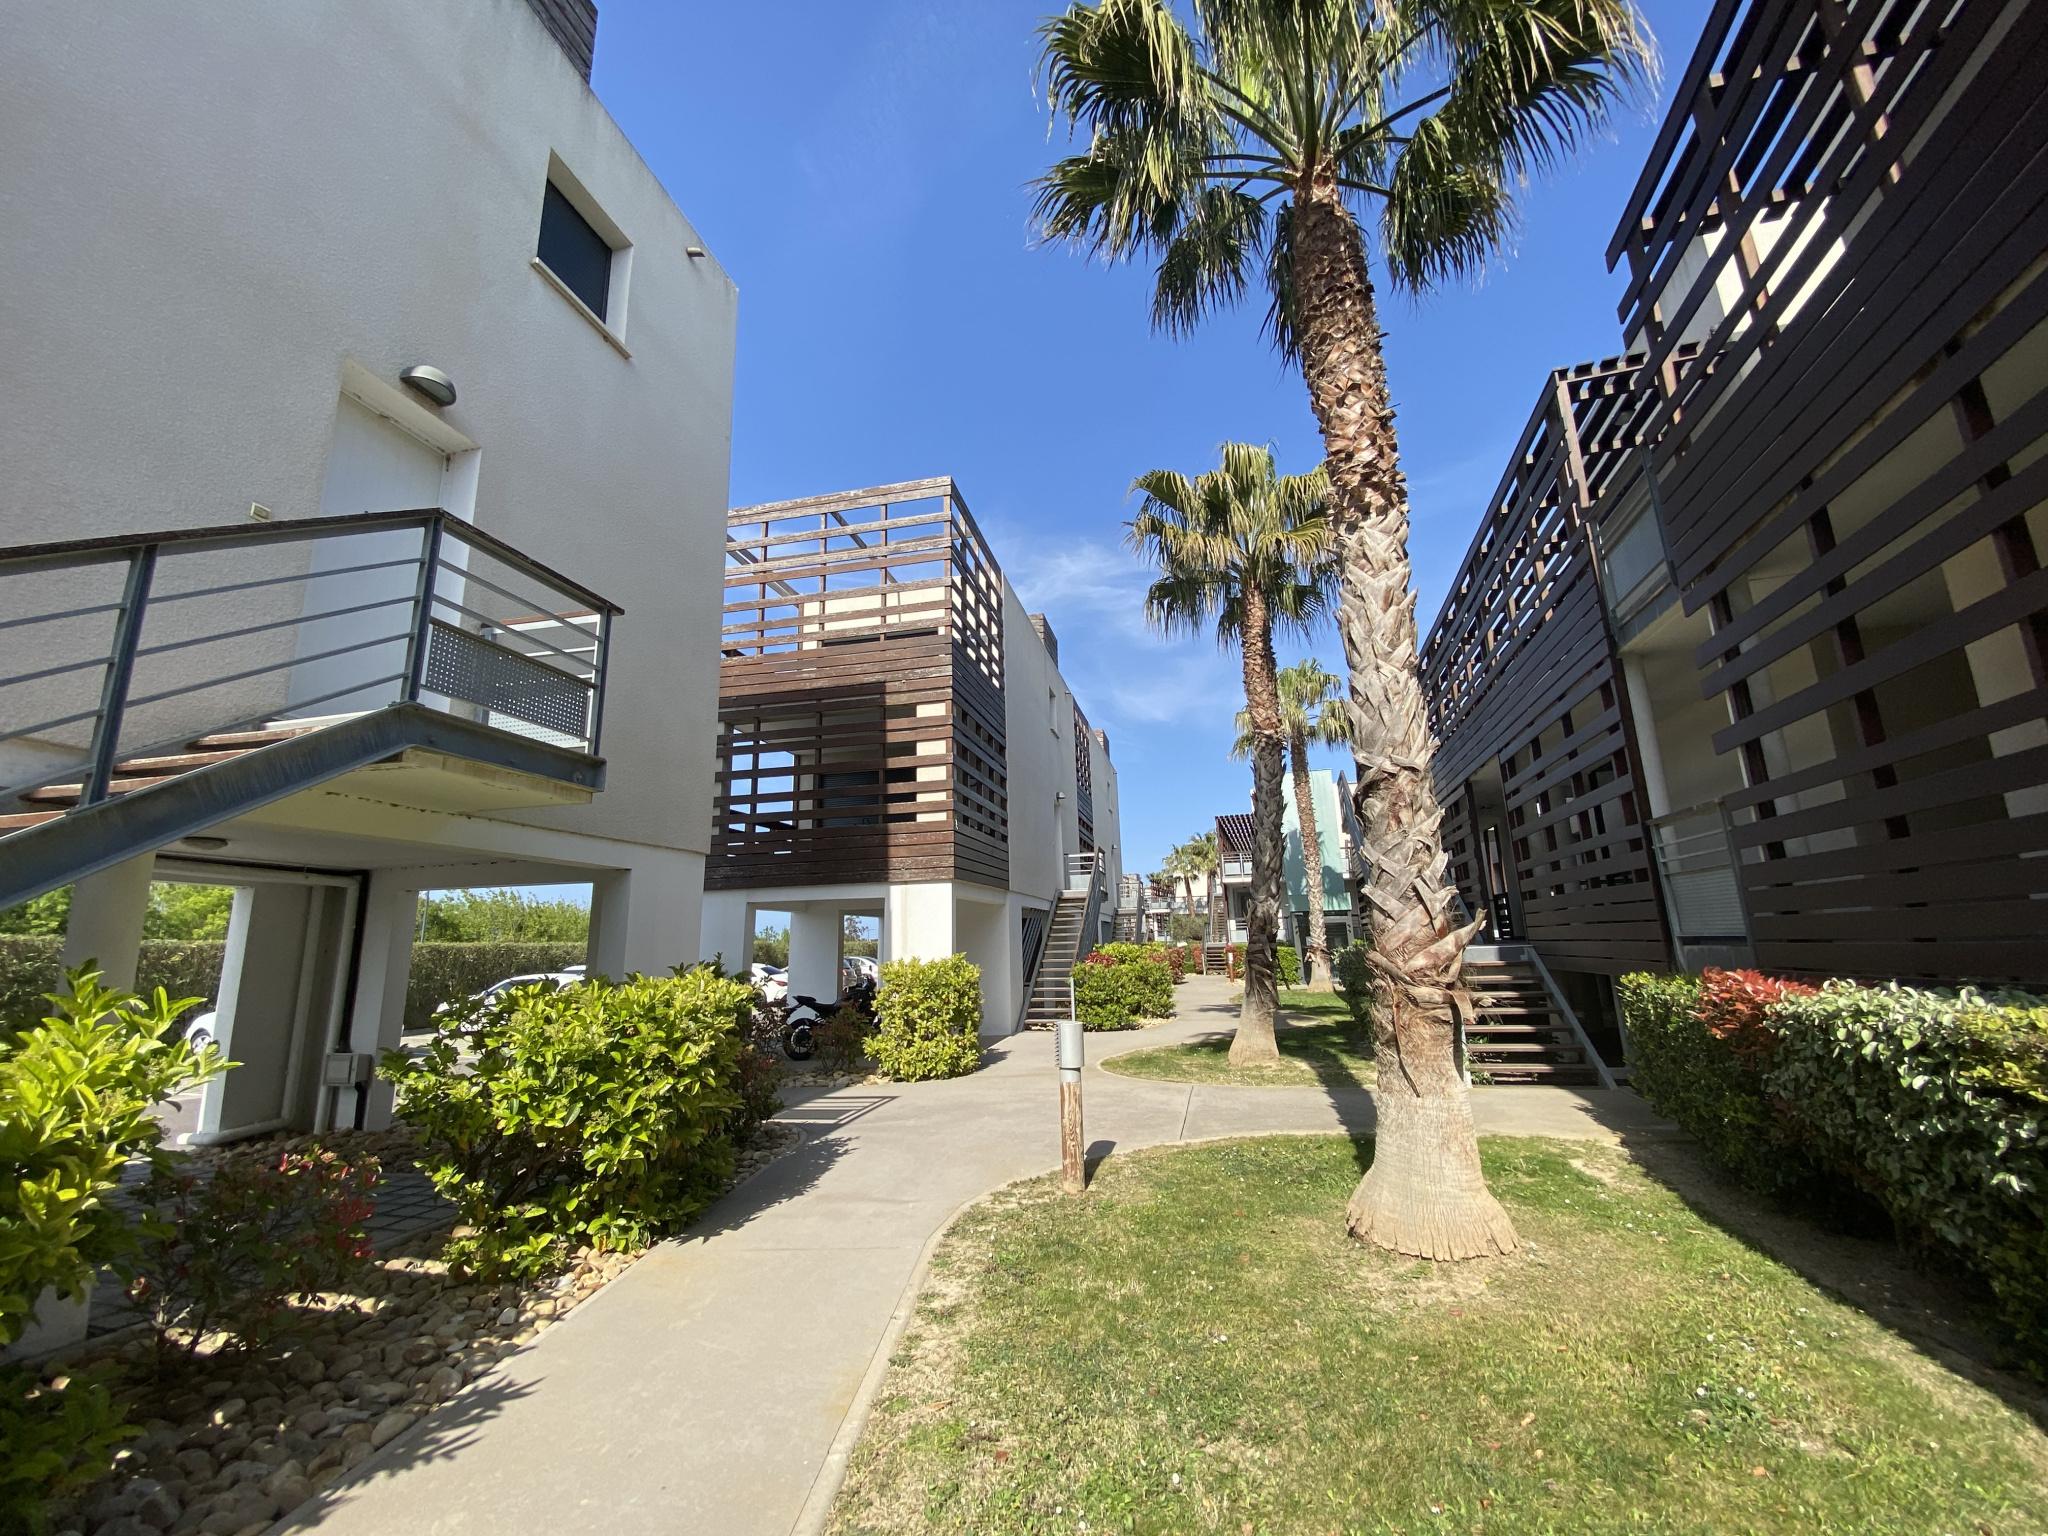 À vendre maison/villa de 50.7m2 à st cyprien plage (66750) - Photo 0'